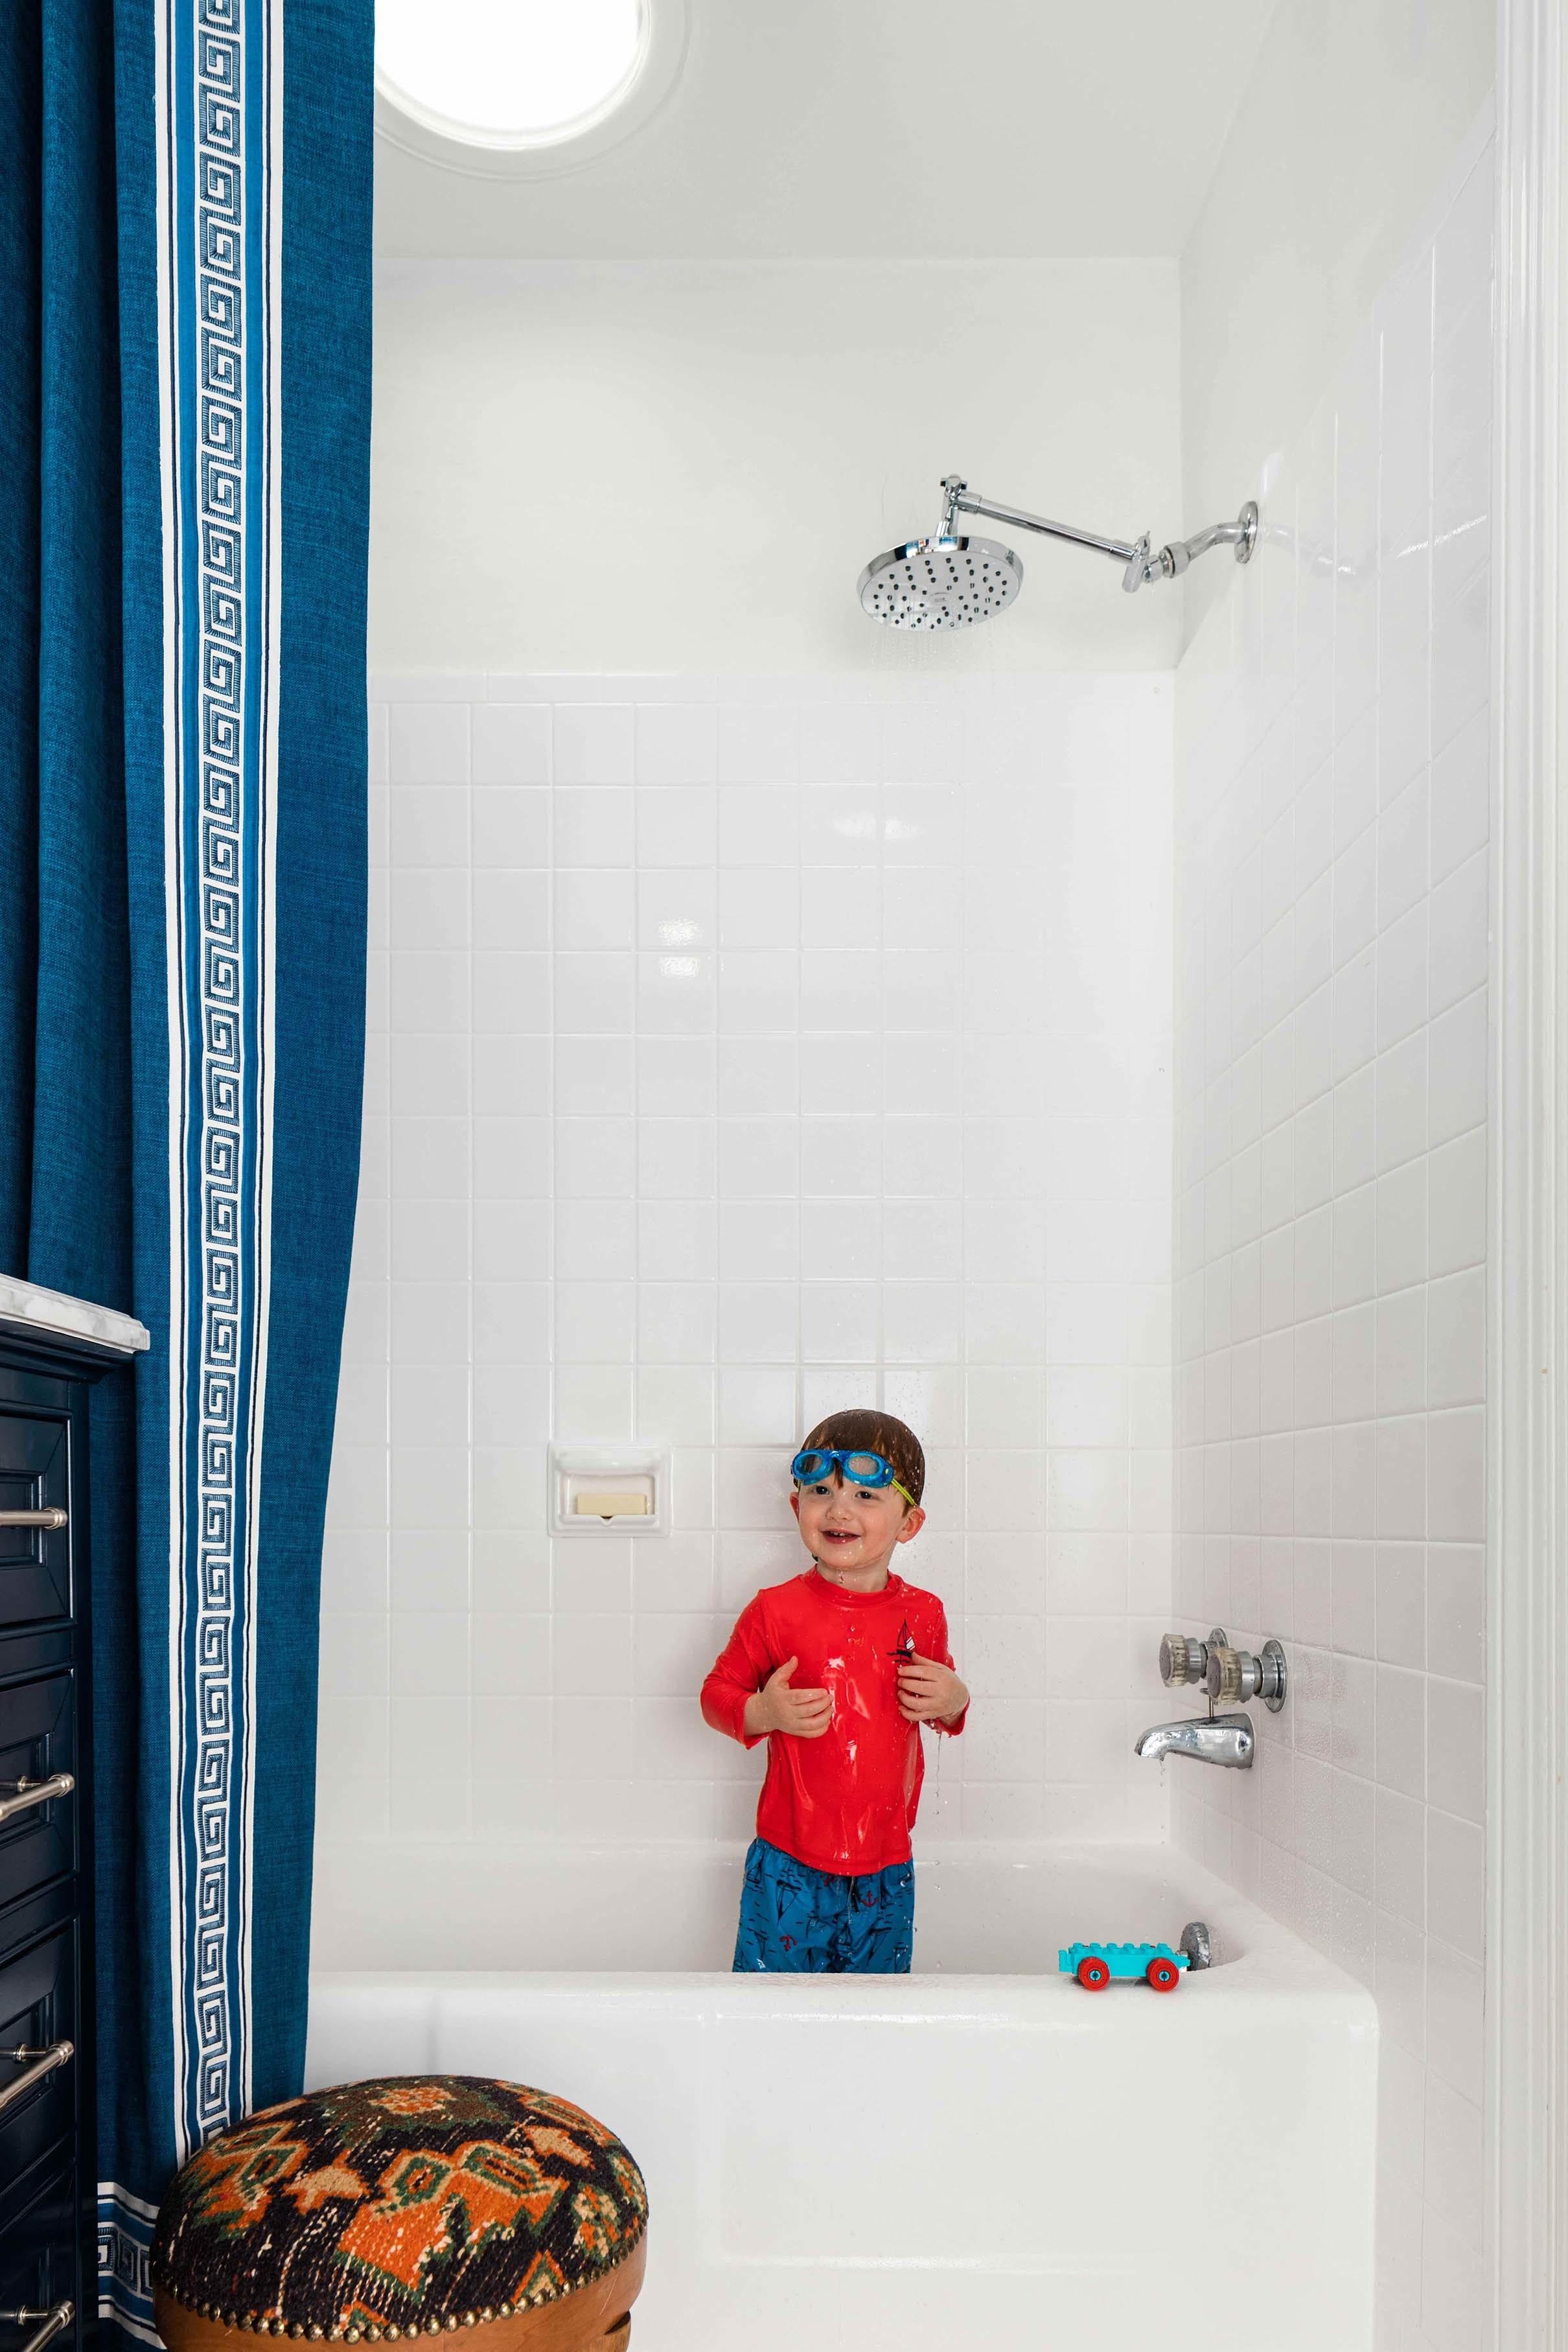 Child playing bathtub